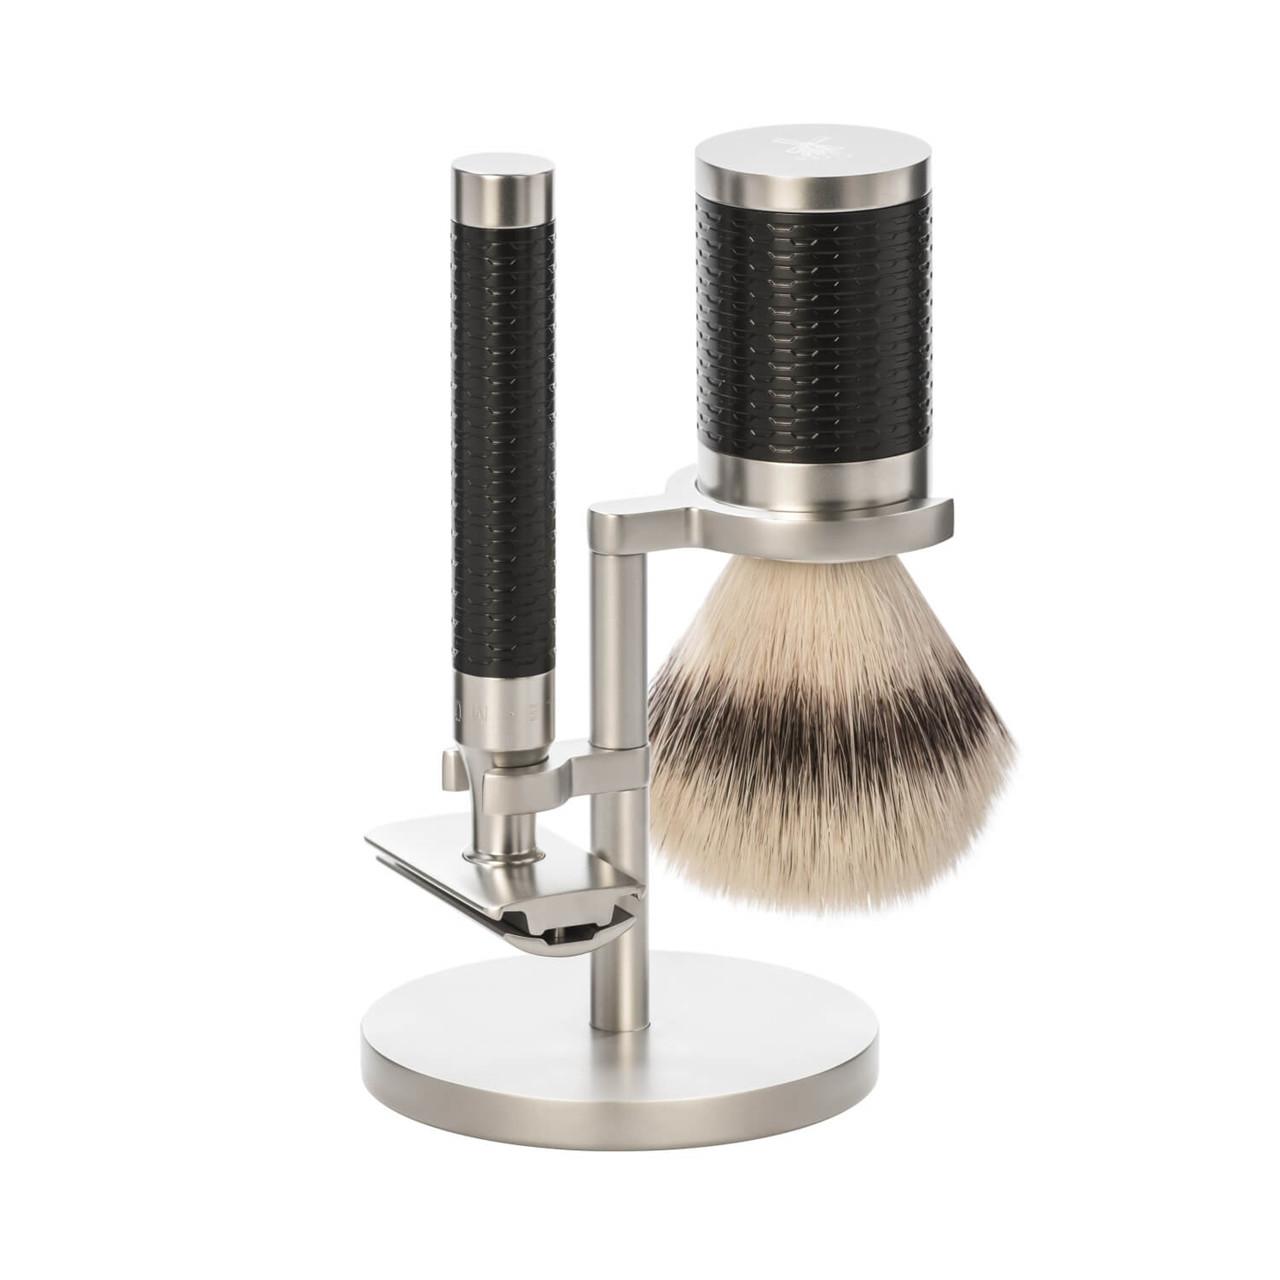 Image of   Mühle Barbersæt med DE-skraber, Fiber Barberkost og Holder, Rocca, Rustfrit stål